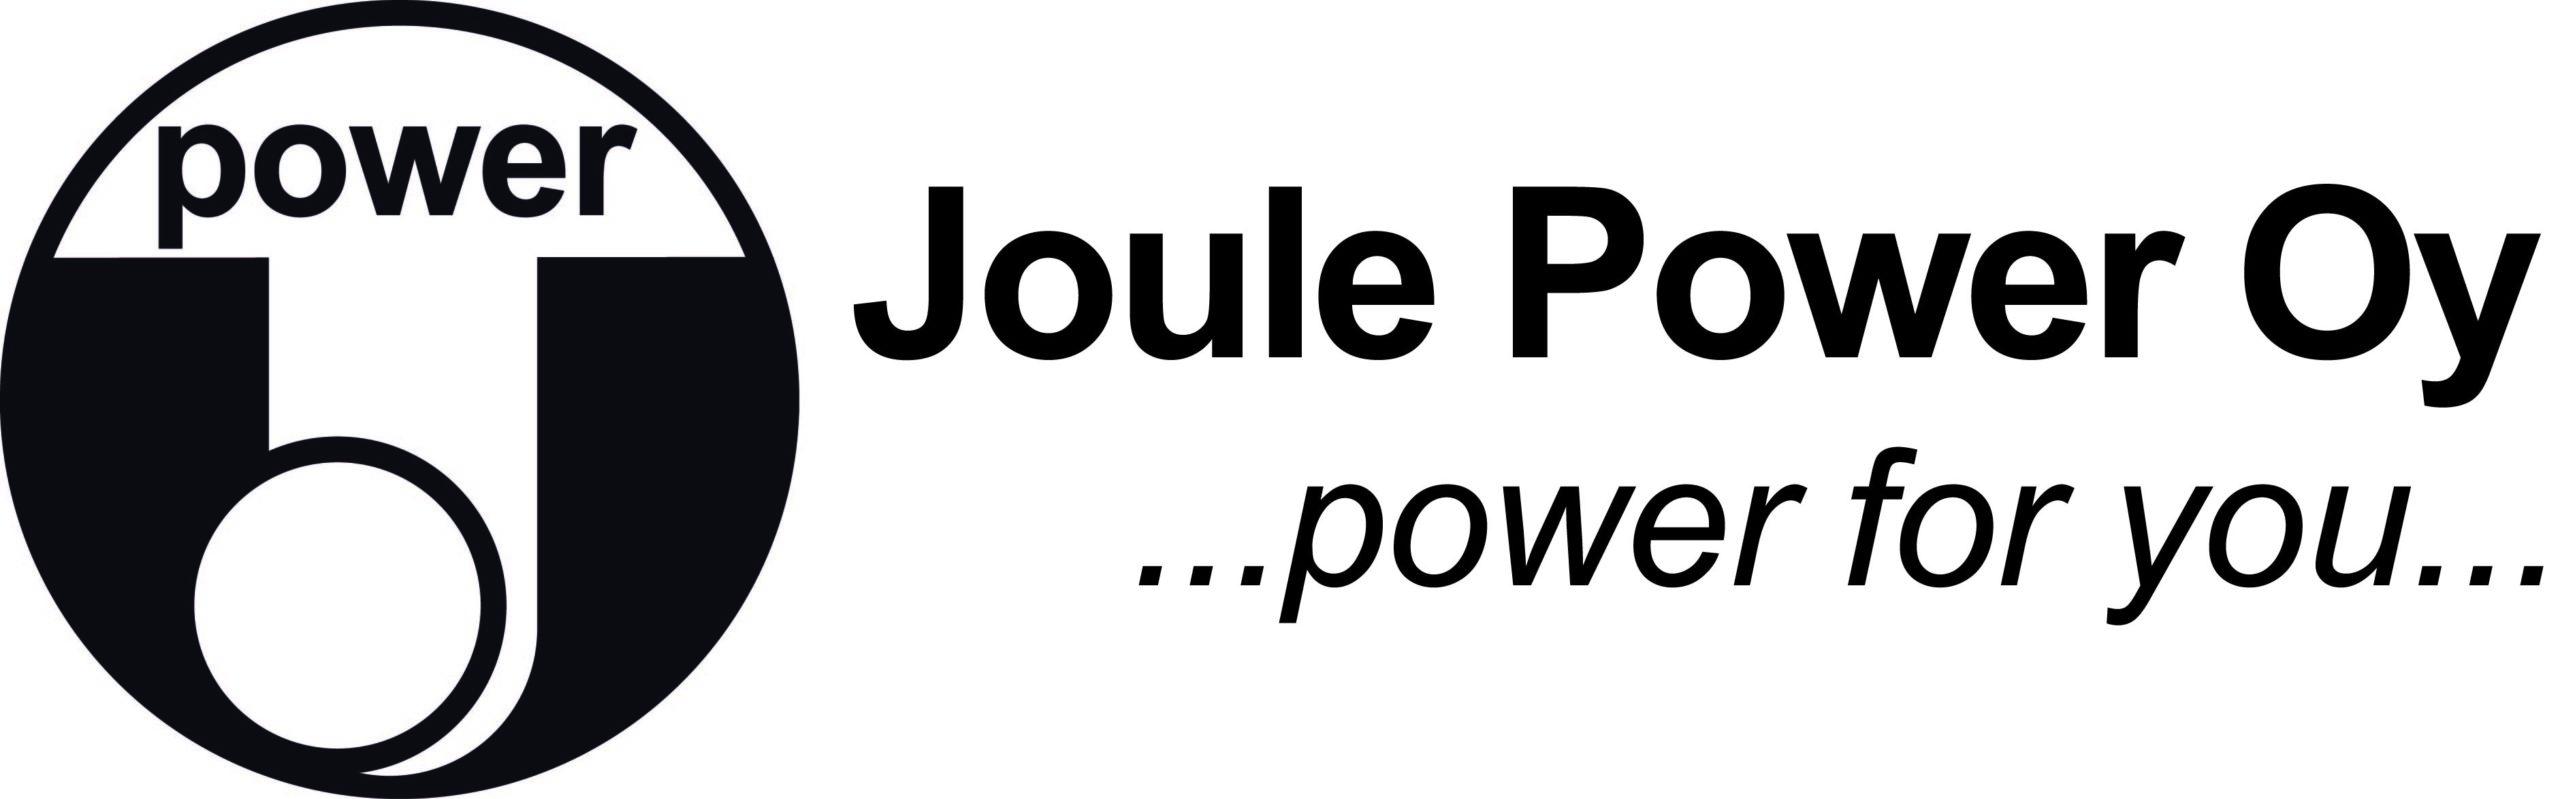 Joule Power Oy